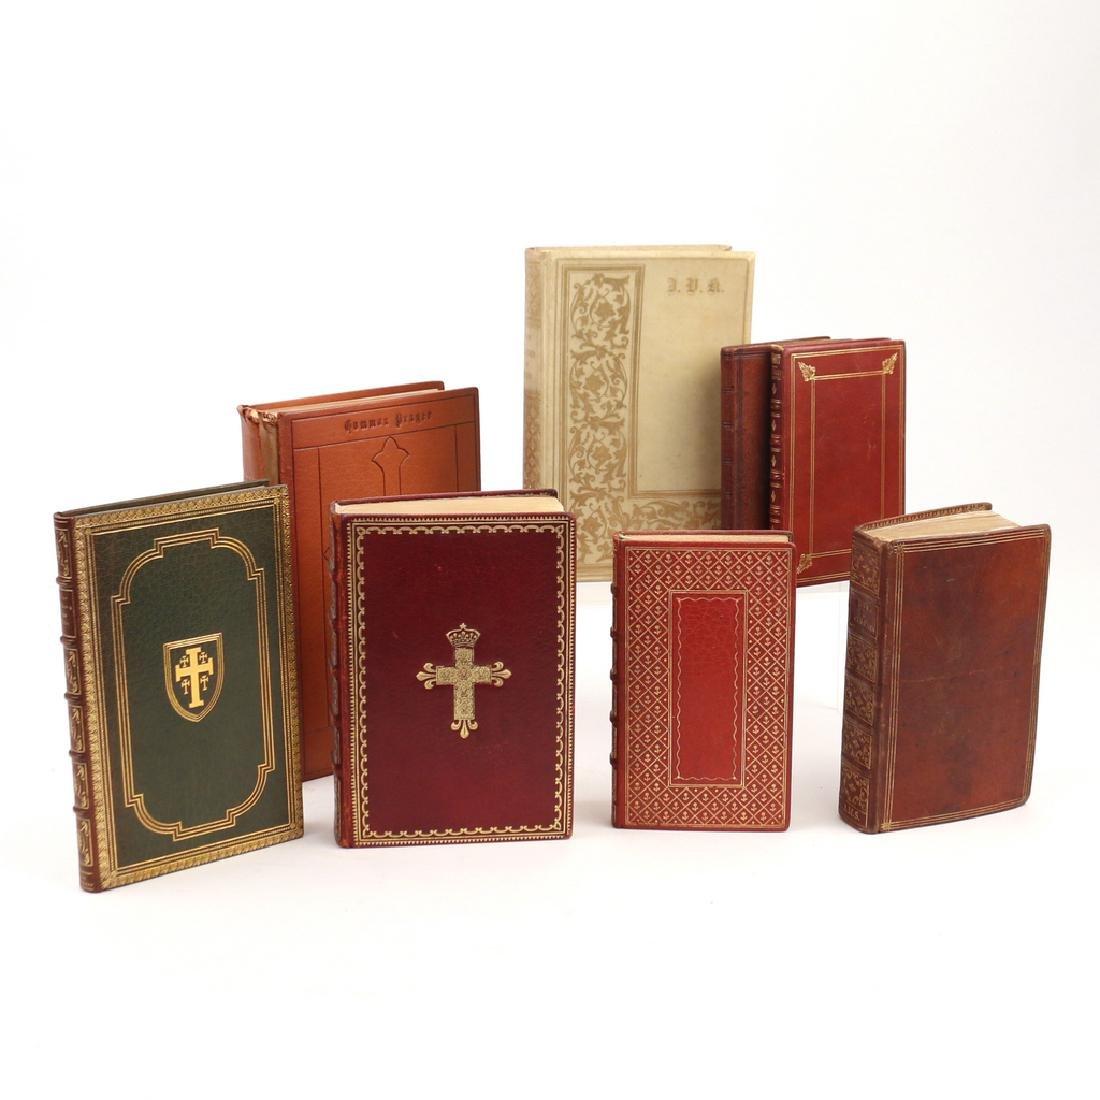 (8vols) [FINE BINDINGS] CHRISTIAN BOOKS